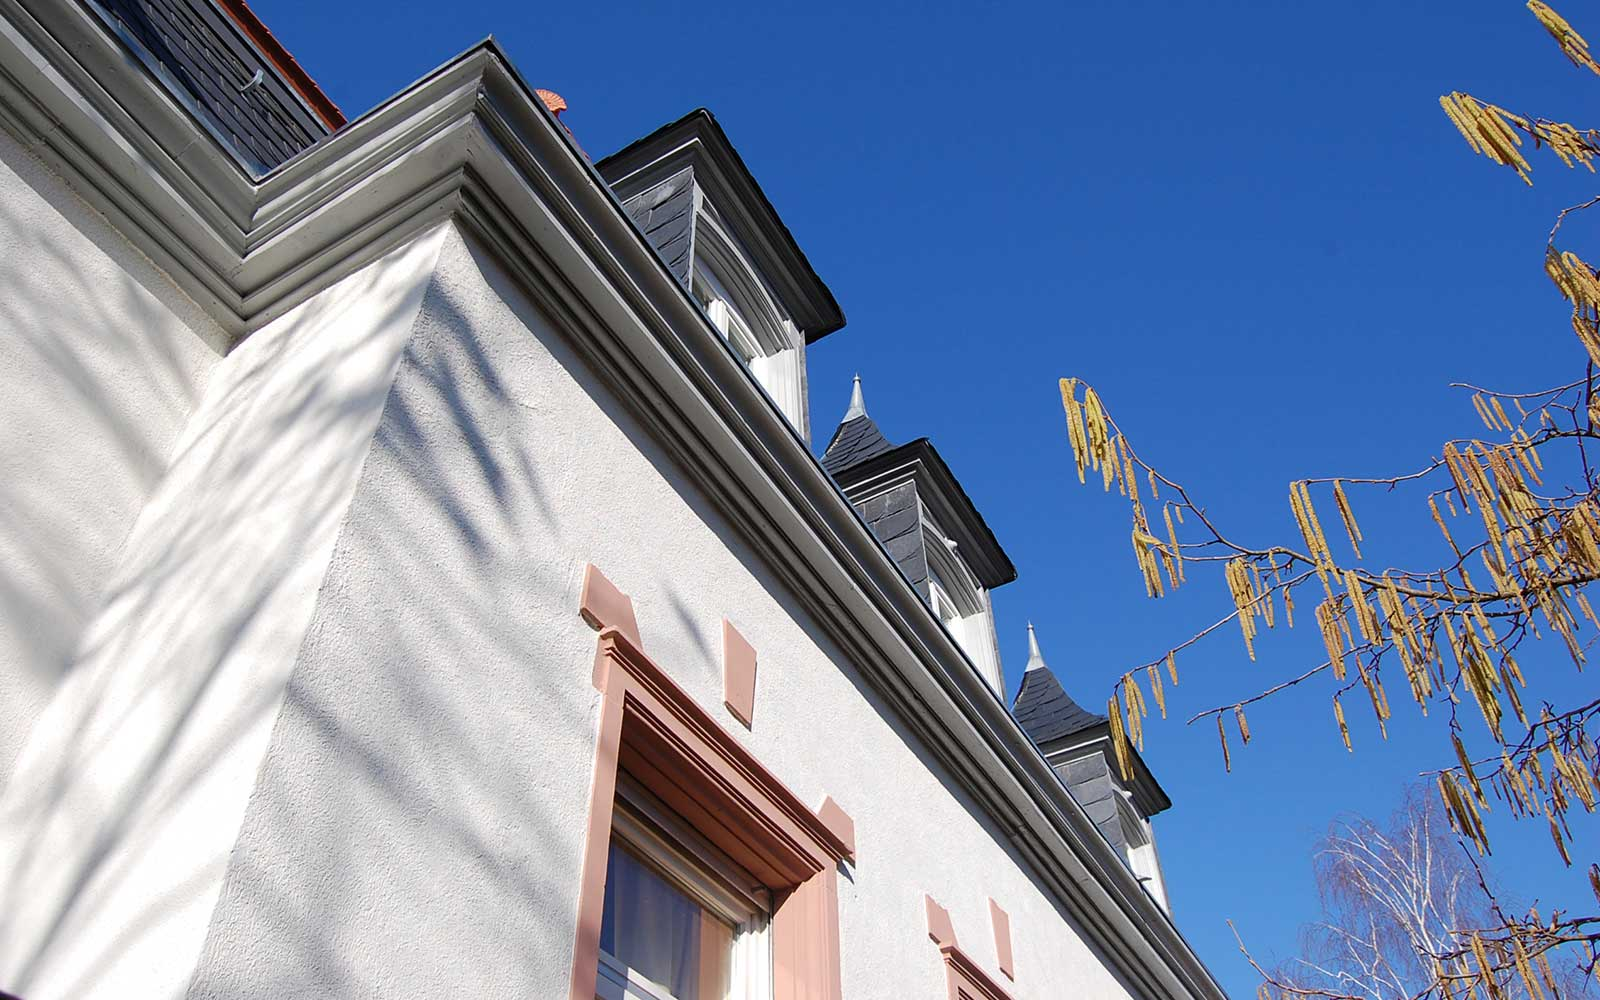 Altbausanierung Weststadt Heidelberg, Architekturbüro Kochhan und Weckbach